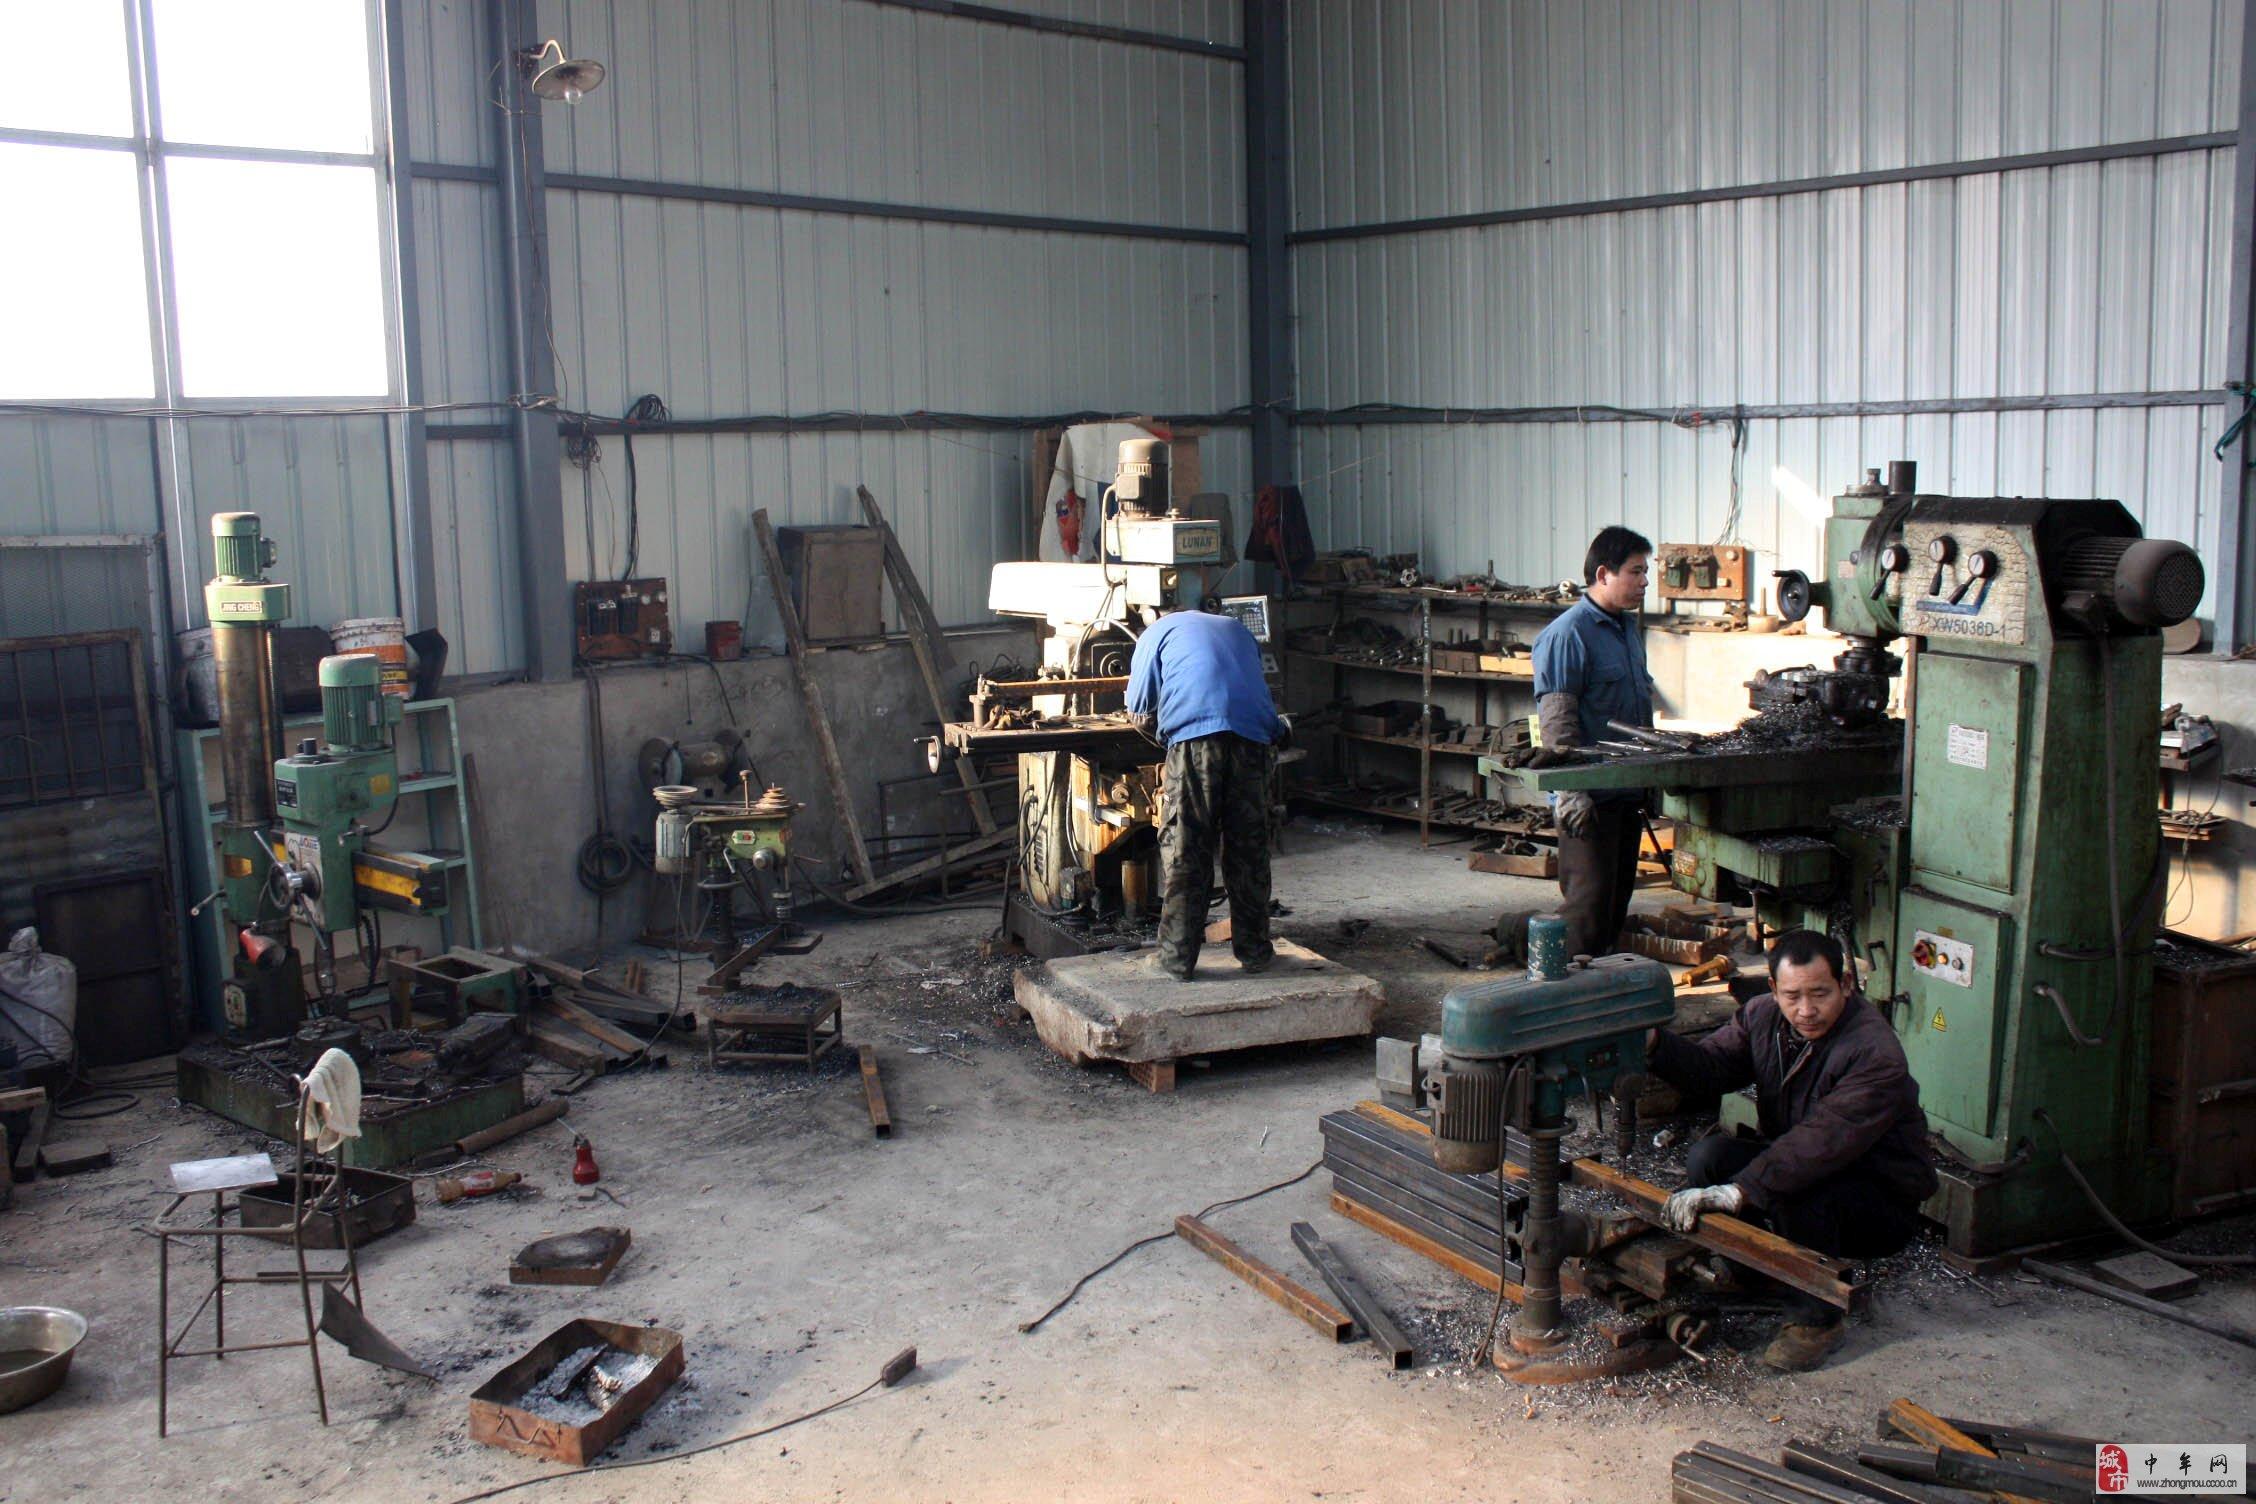 福田雷萨泵车价格_机械厂-上海机械厂,机械厂加工车间,电子厂和机械厂哪个好,五金 ...